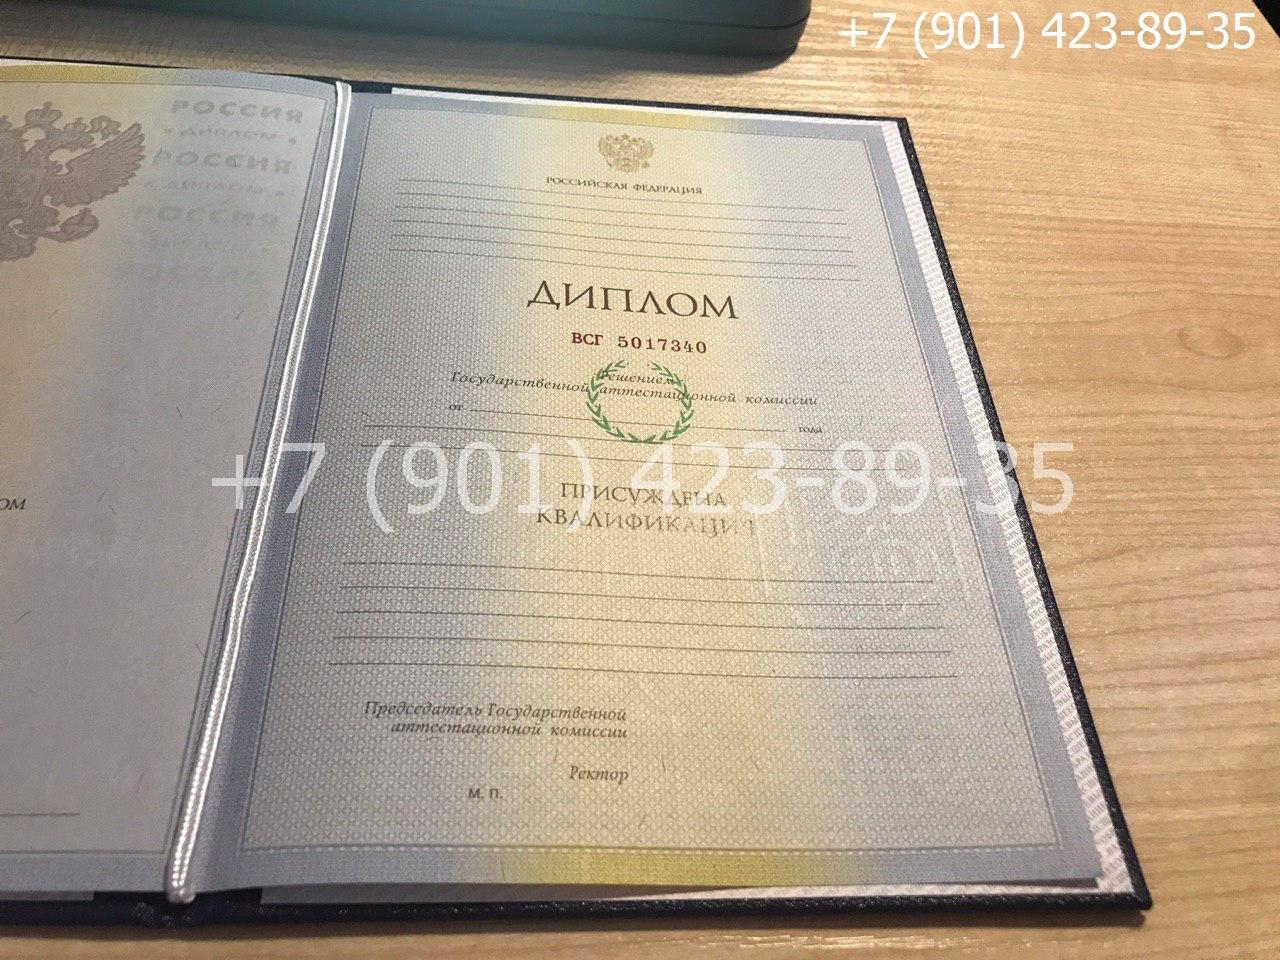 Диплом специалиста 2009-2010 годов, старого образца, титульный лист